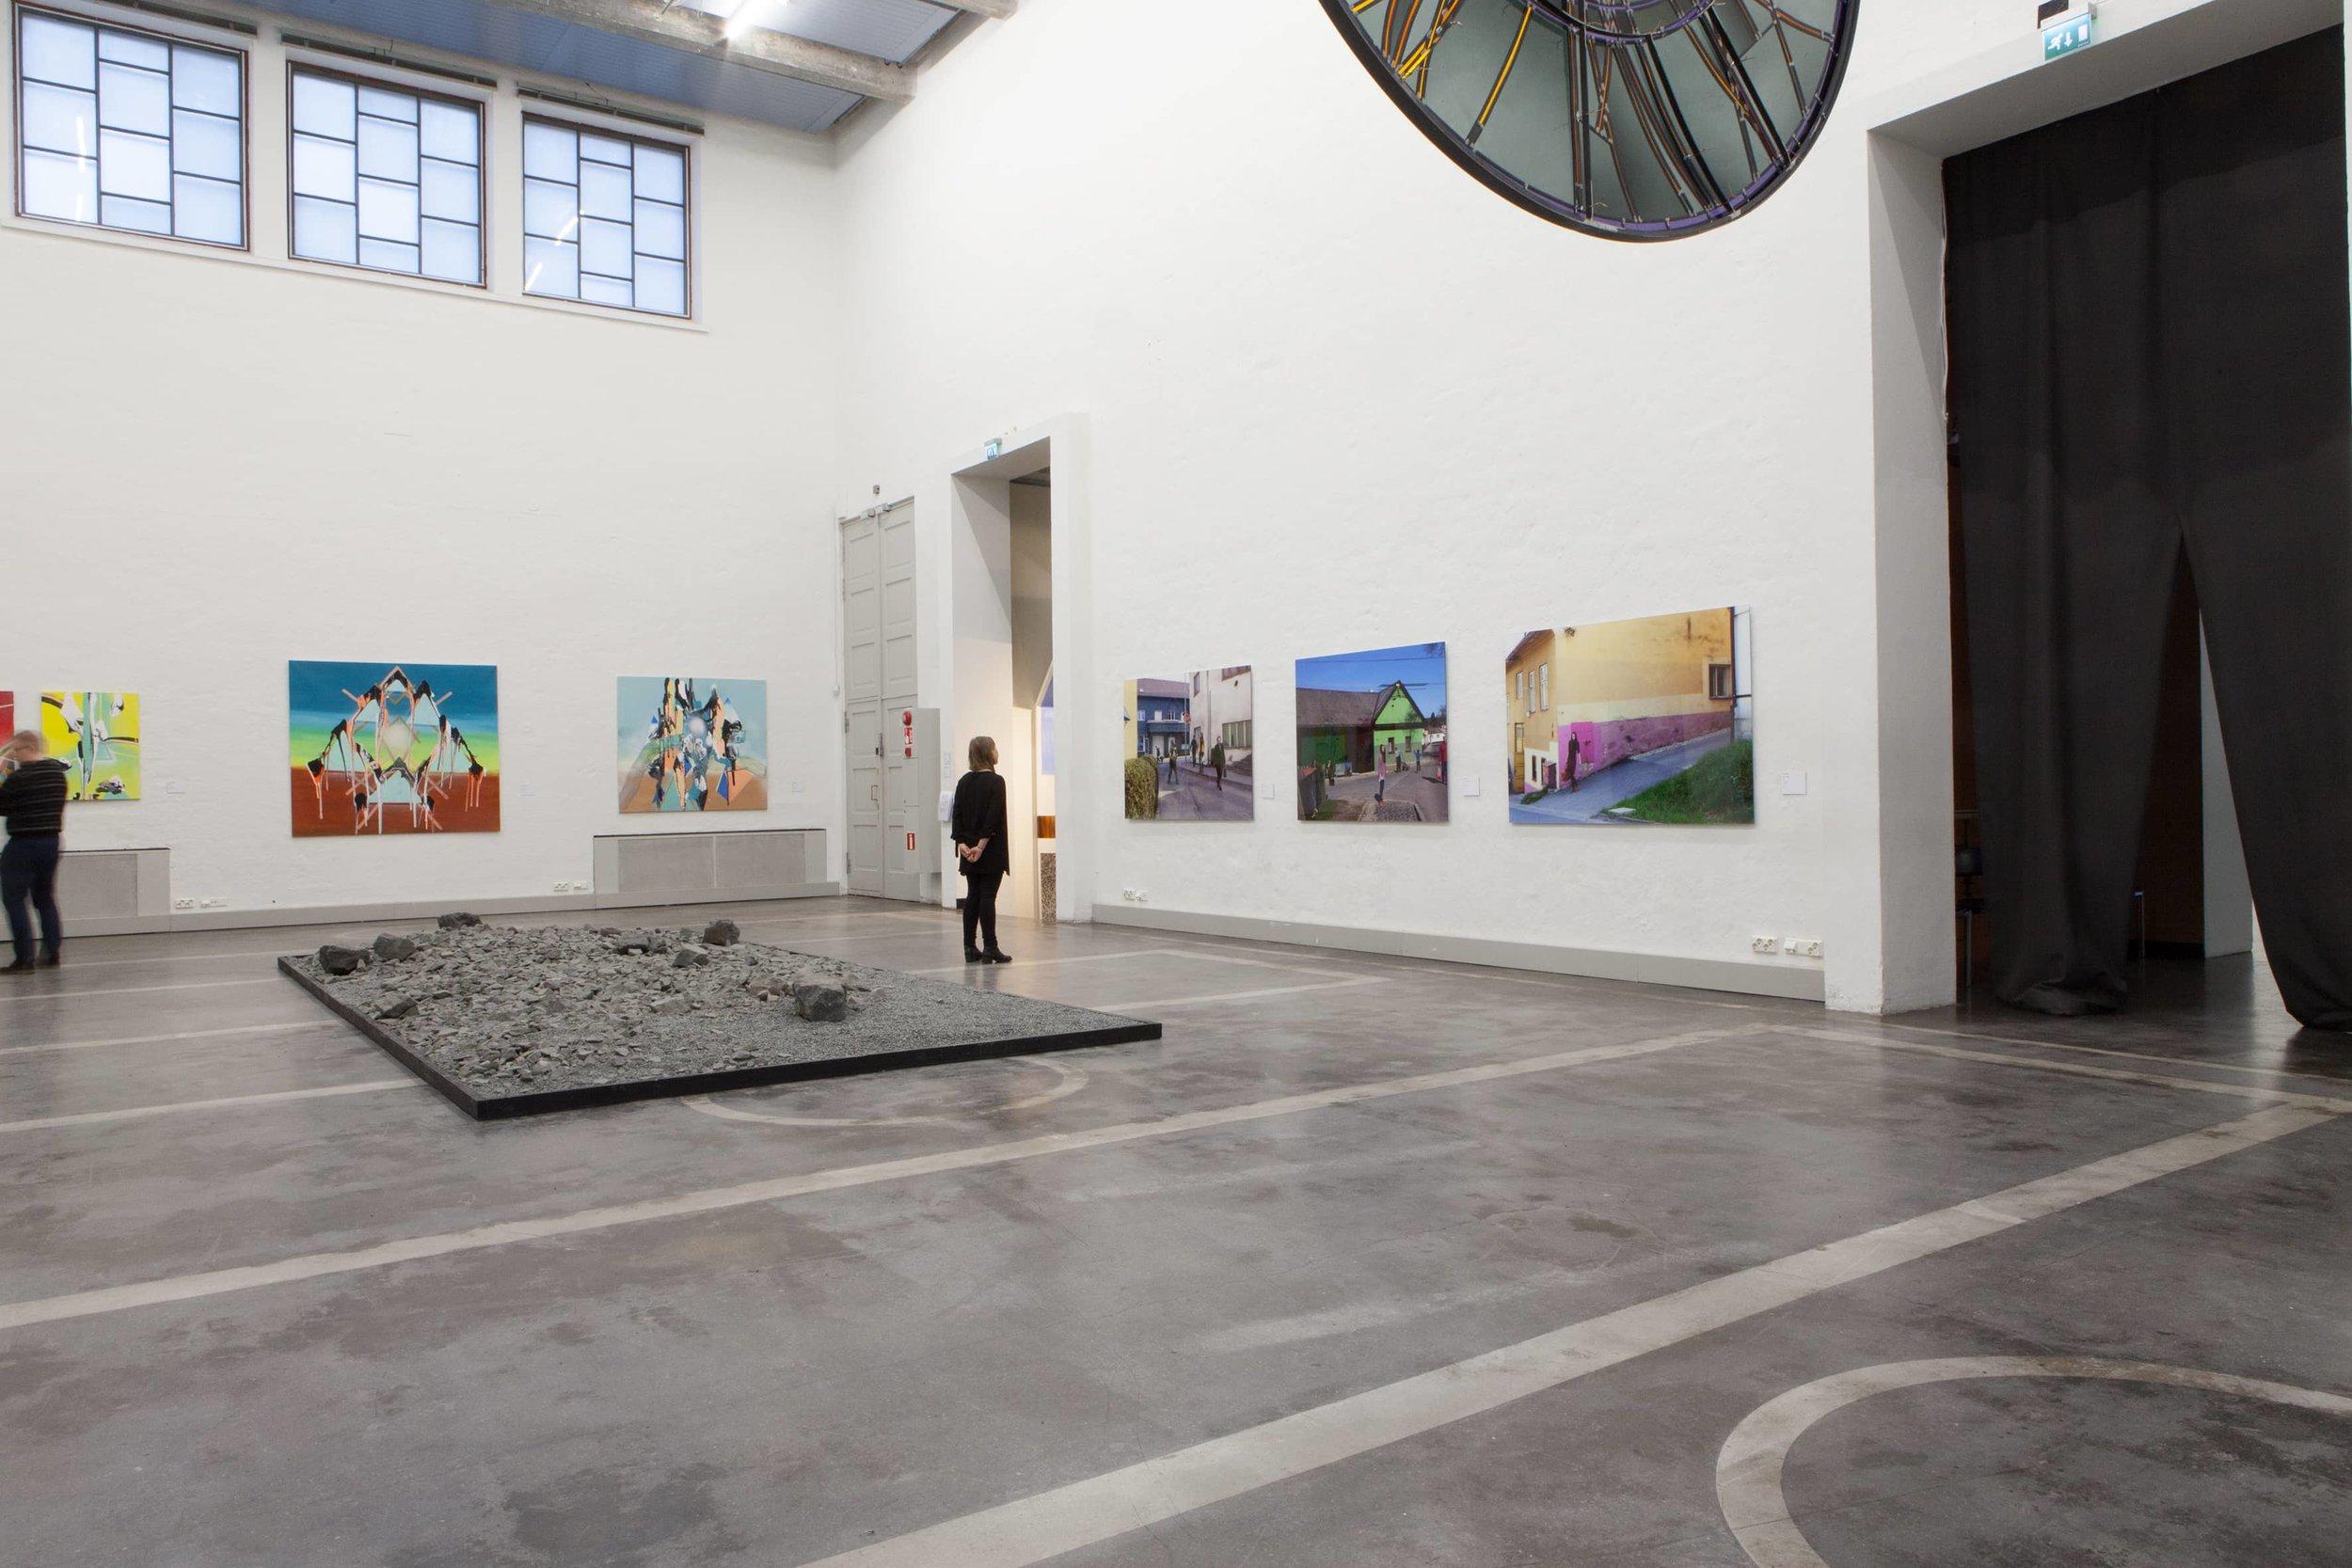 Nuoret 2015 Helsinki Kunsthalle